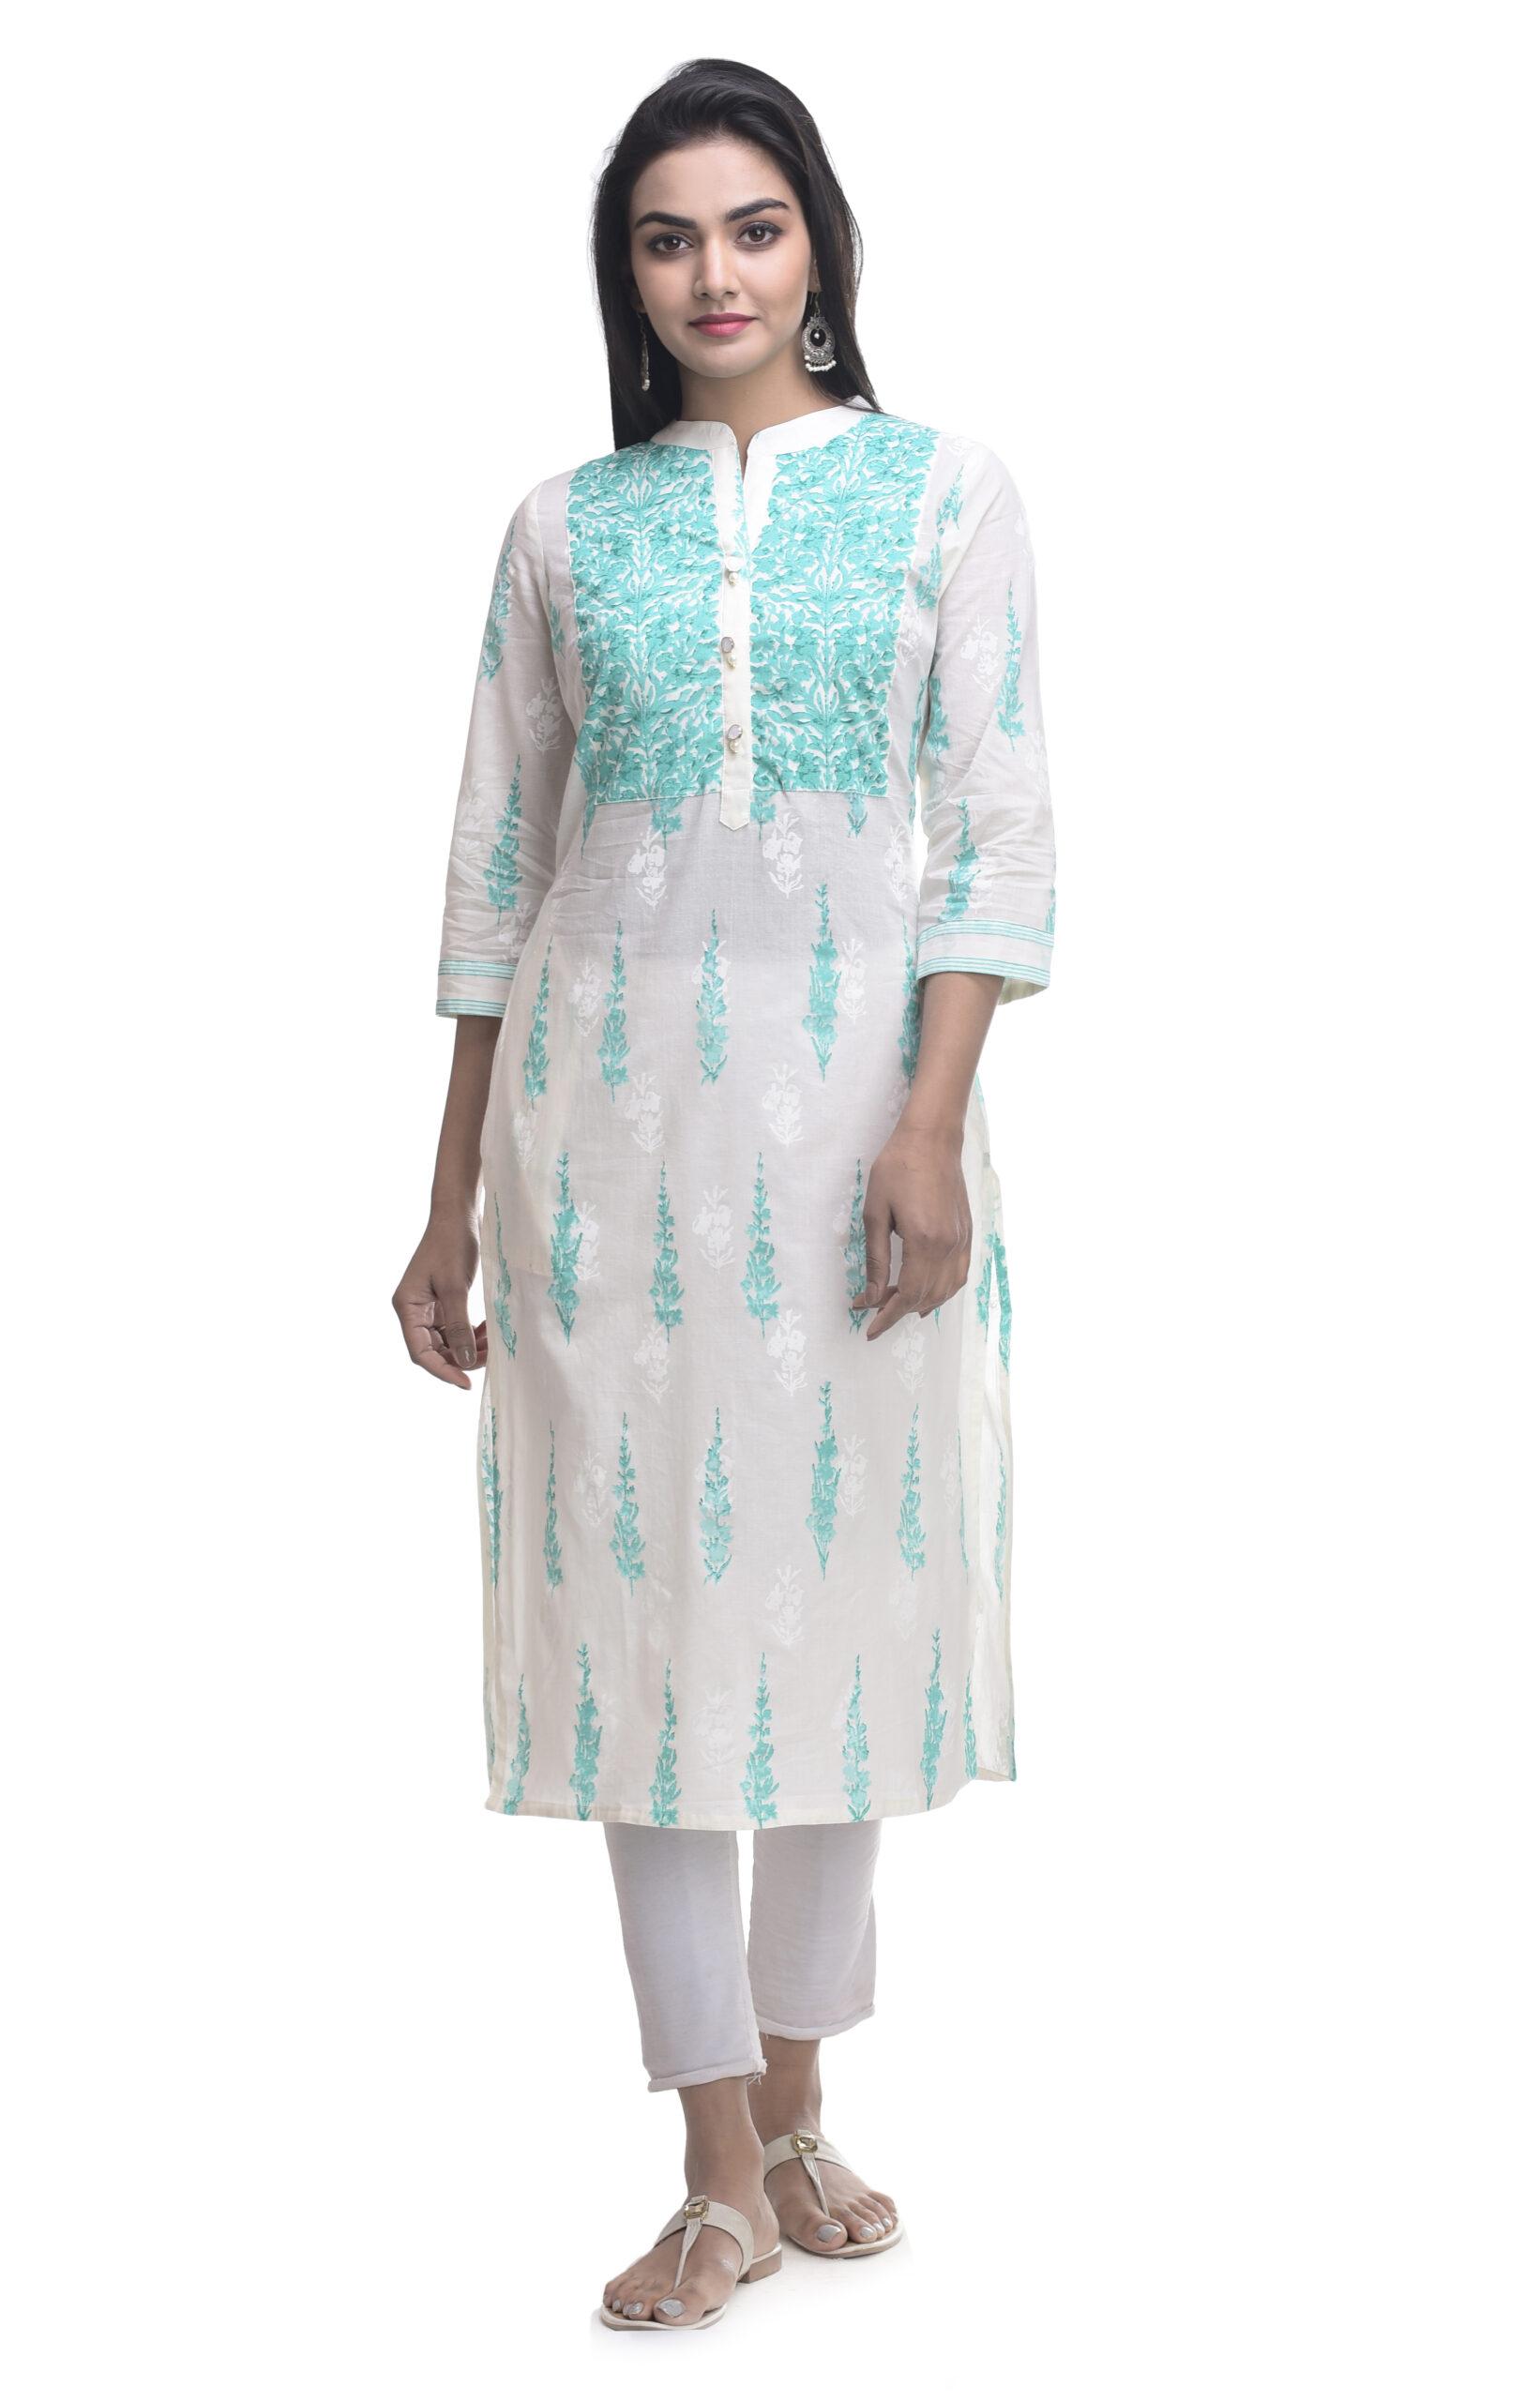 Cotton Printed Summer Kurta Manufacturer in Jaipur Rajasthan